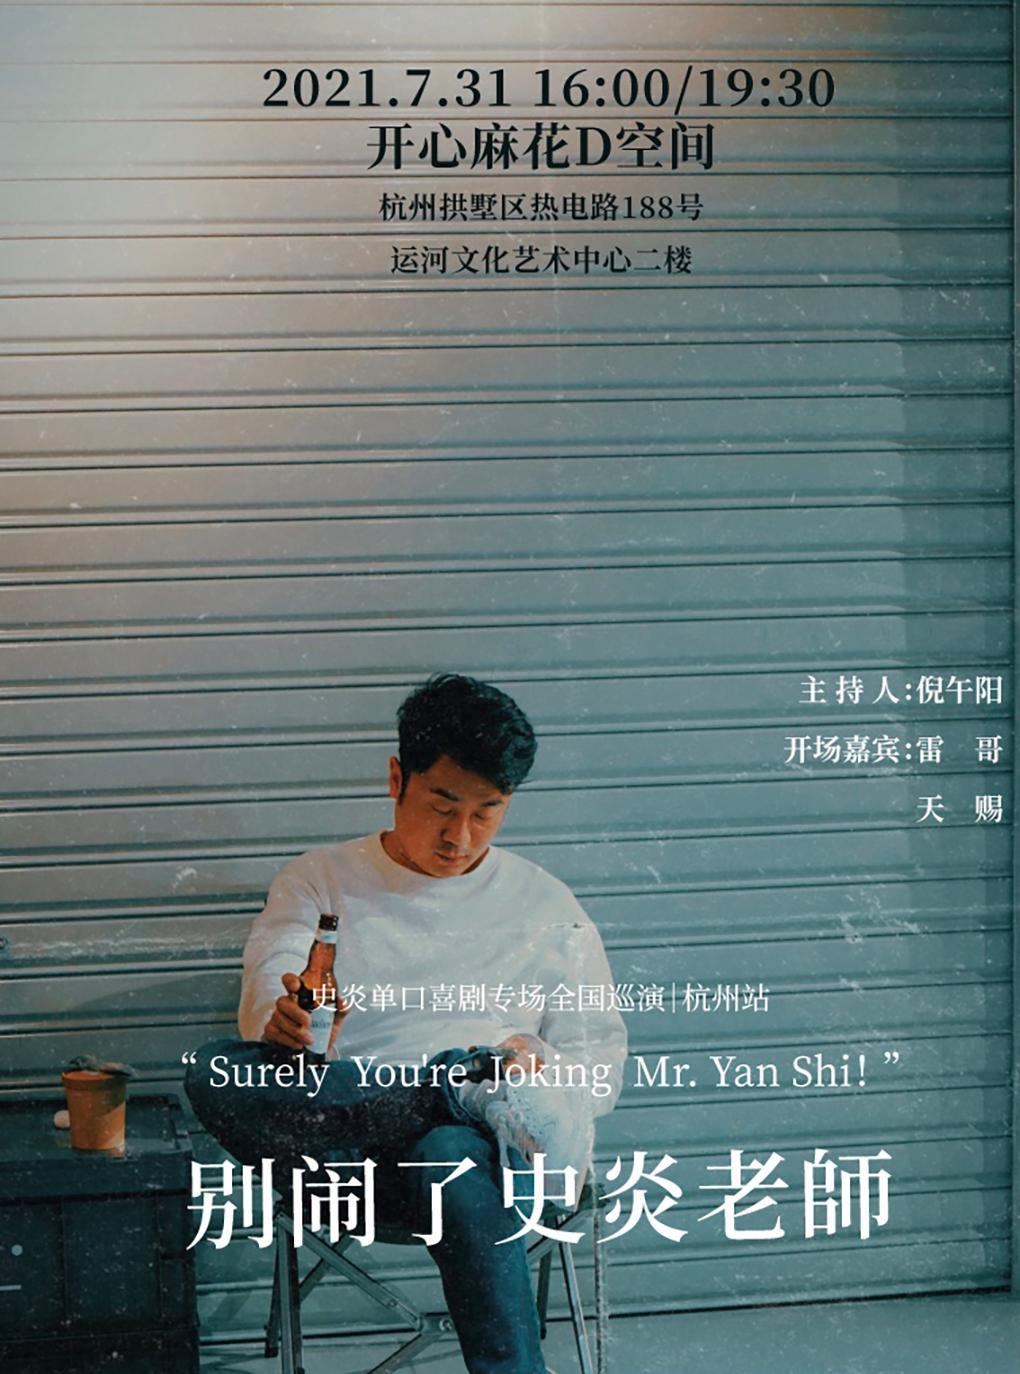 仙人掌喜剧 | 史炎脱口秀专场巡演·杭州